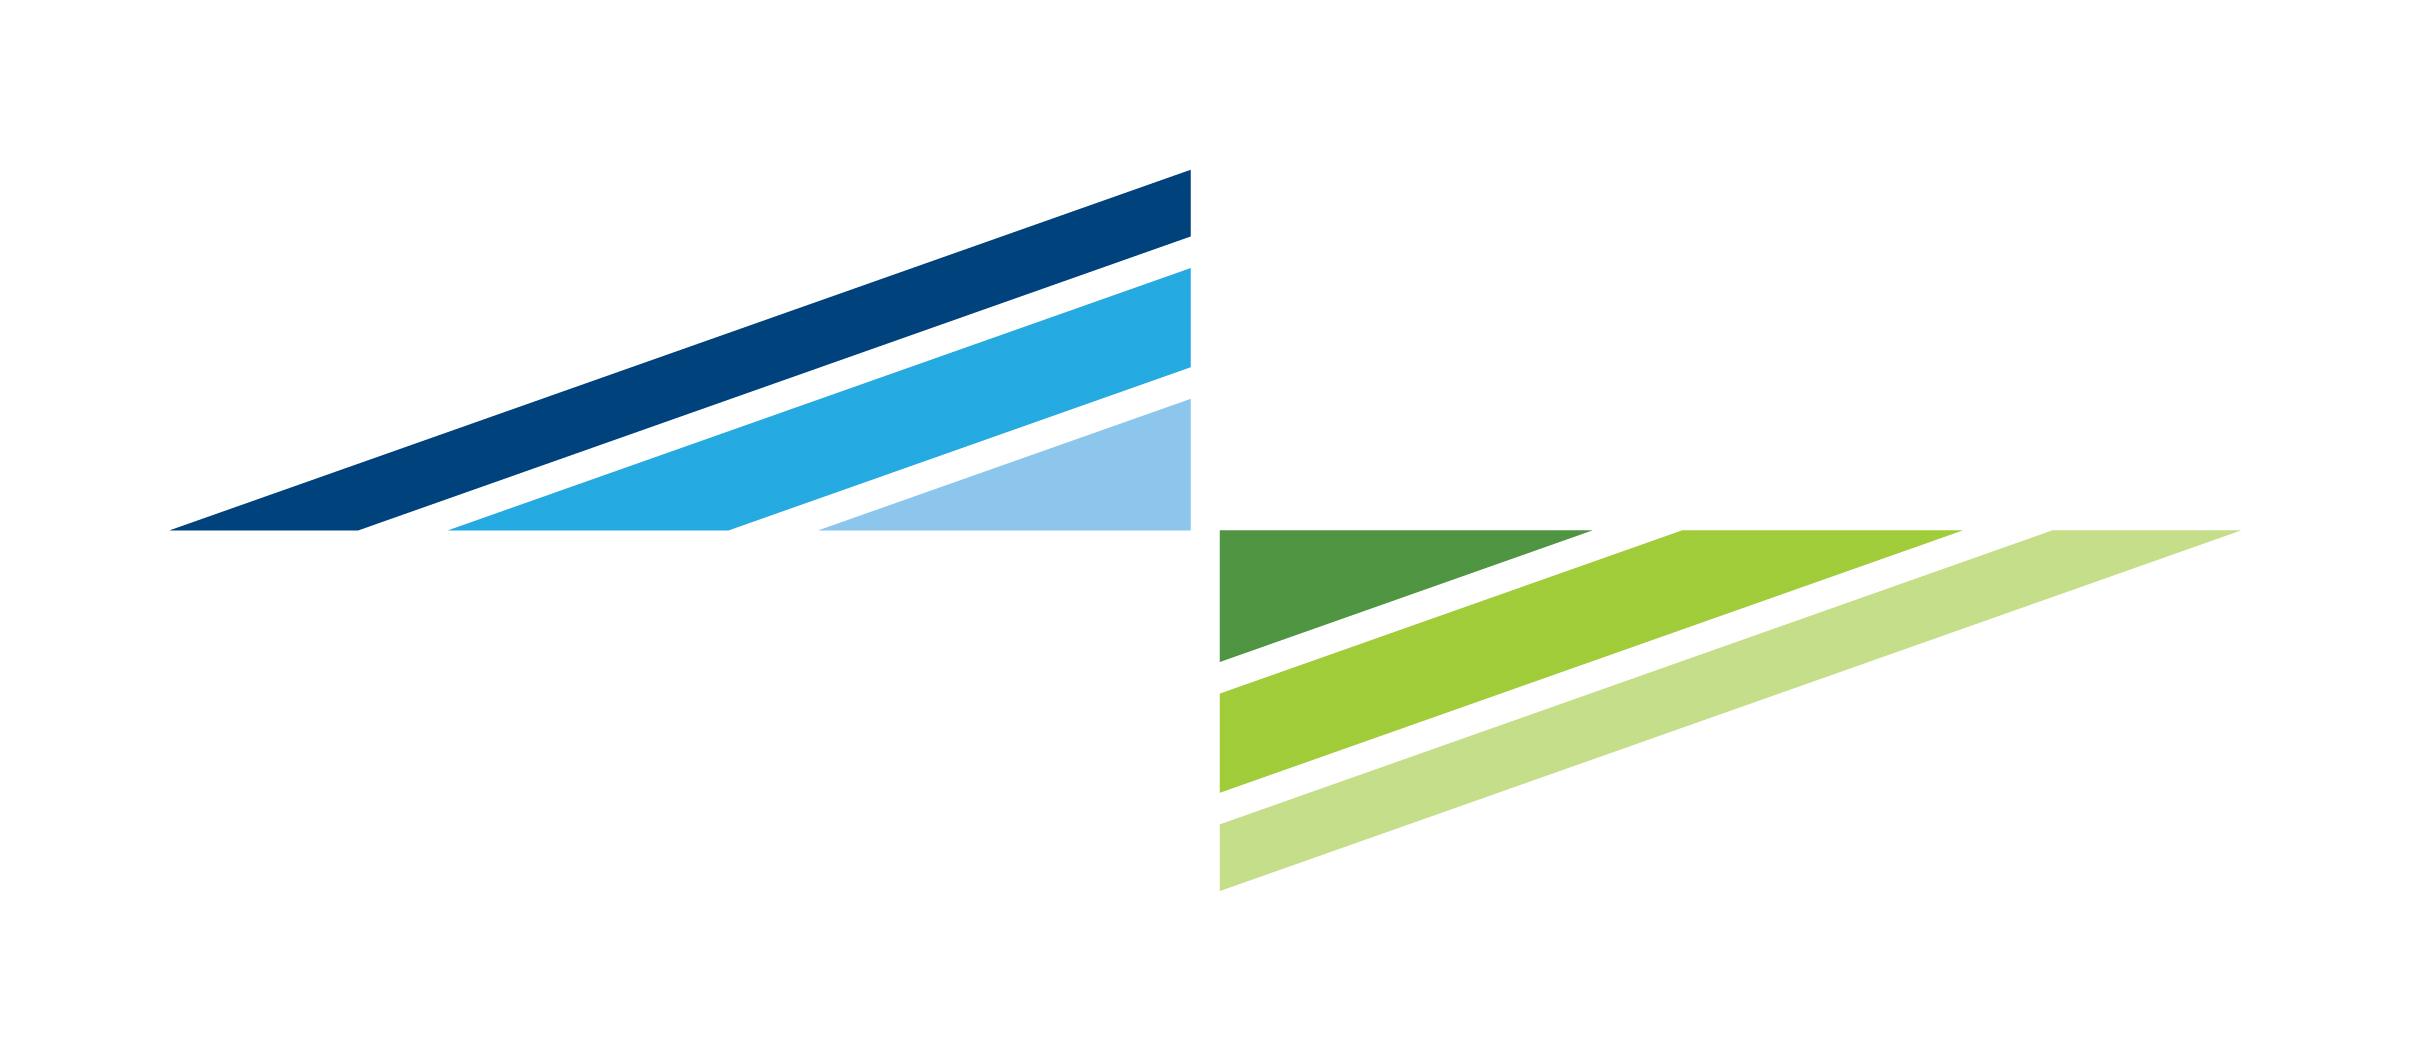 alternative_tsp_logo_primary_symbol-03-01.jpg